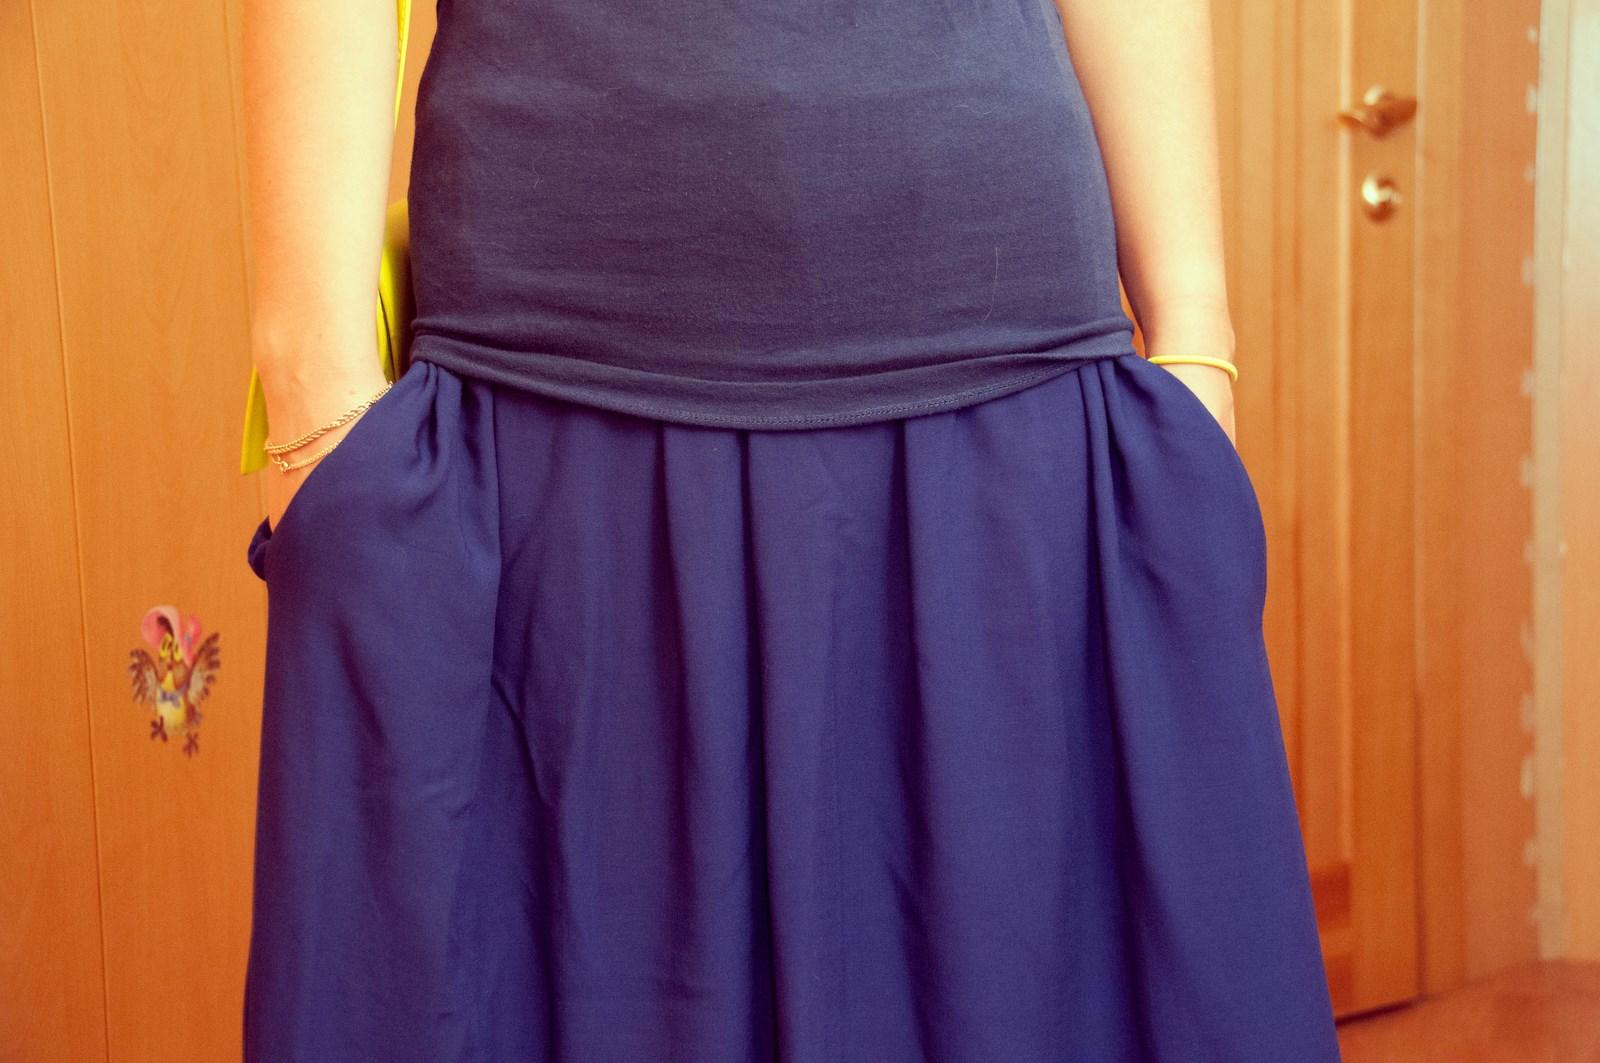 Шьем юбки своими руками. Длинная юбка или юбка-мини, юбка 42